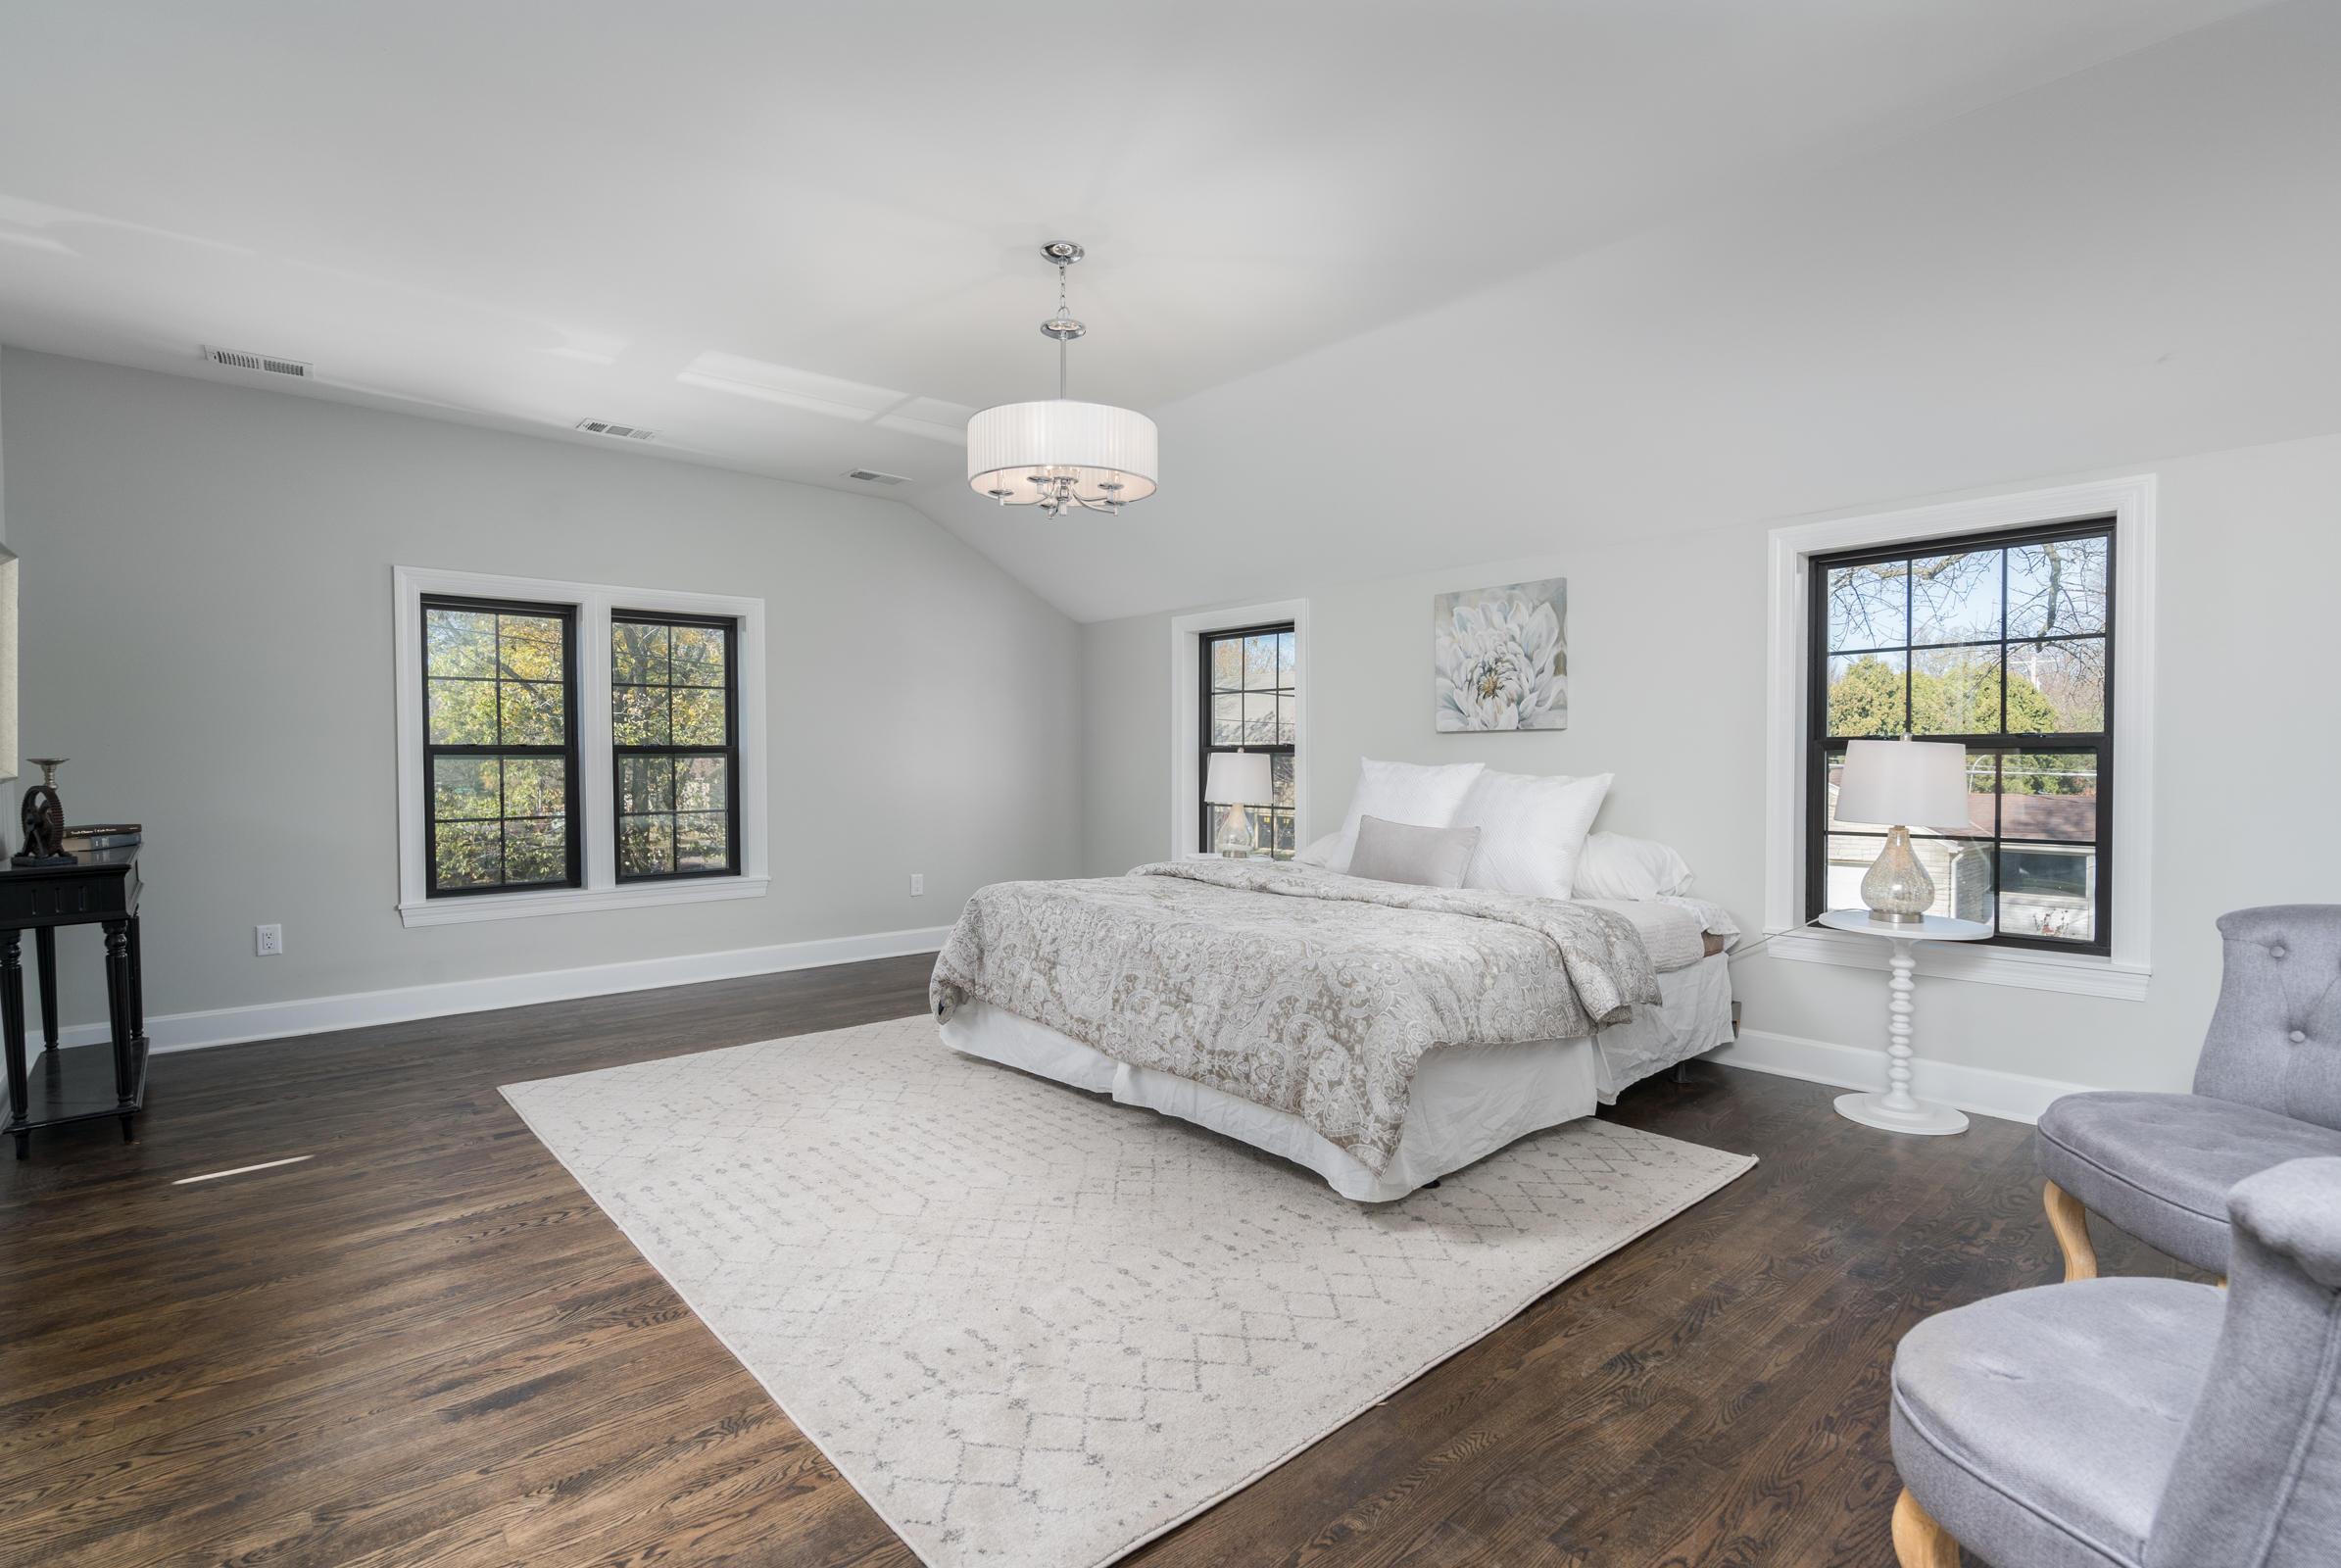 5977 Lake Dr, Whitefish Bay, Wisconsin 53217, 4 Bedrooms Bedrooms, 8 Rooms Rooms,2 BathroomsBathrooms,Single-family,For Sale,Lake Dr,1716544